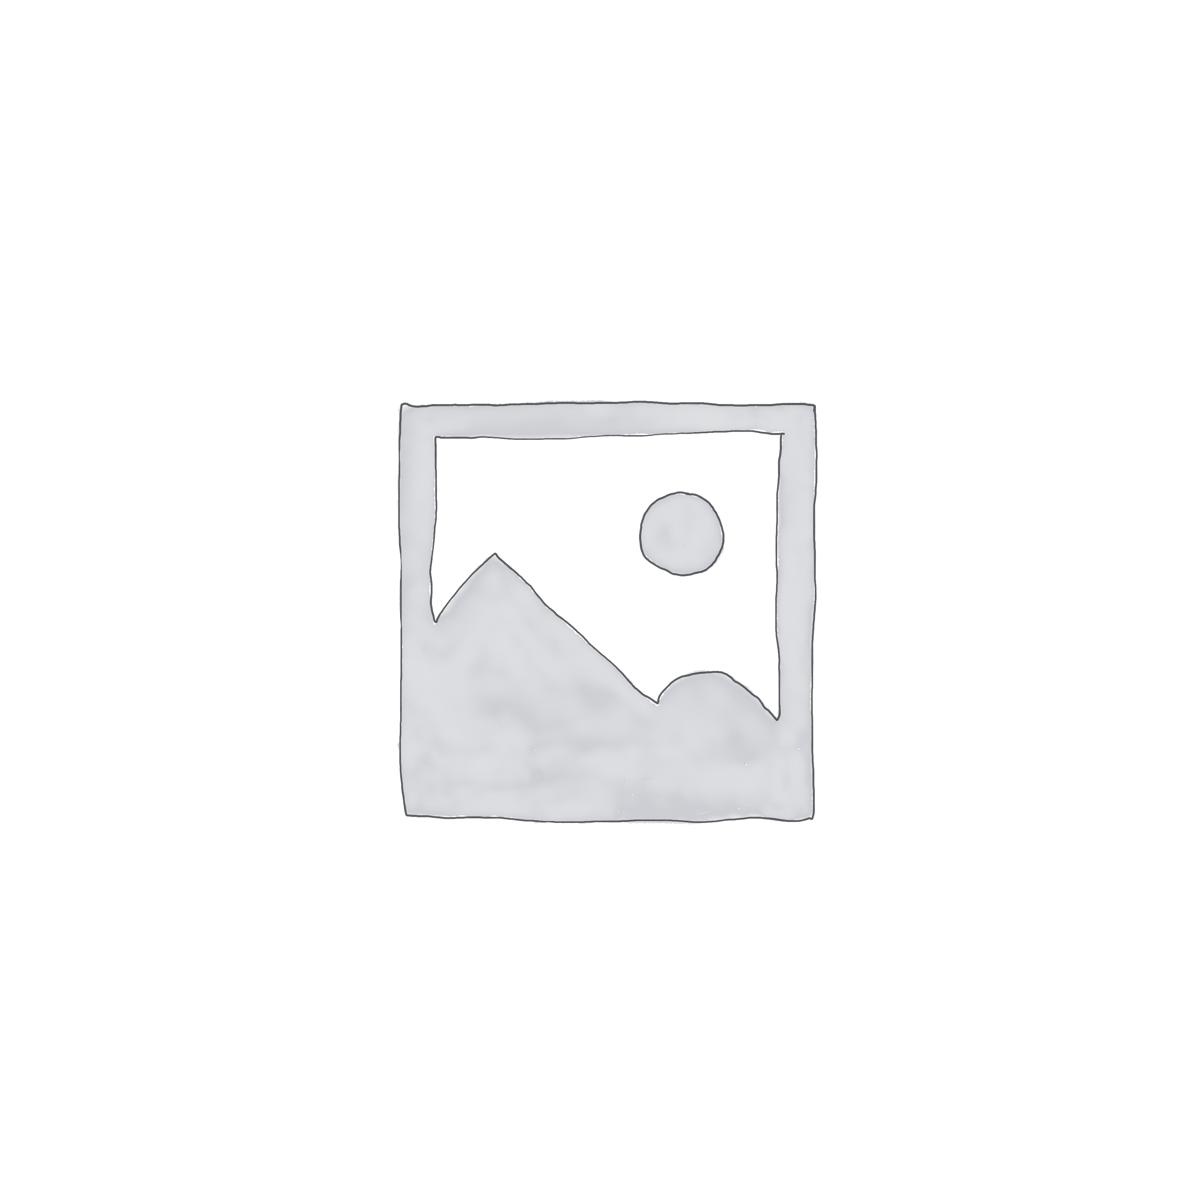 Solde Portage d'appoint / Dans l'eau